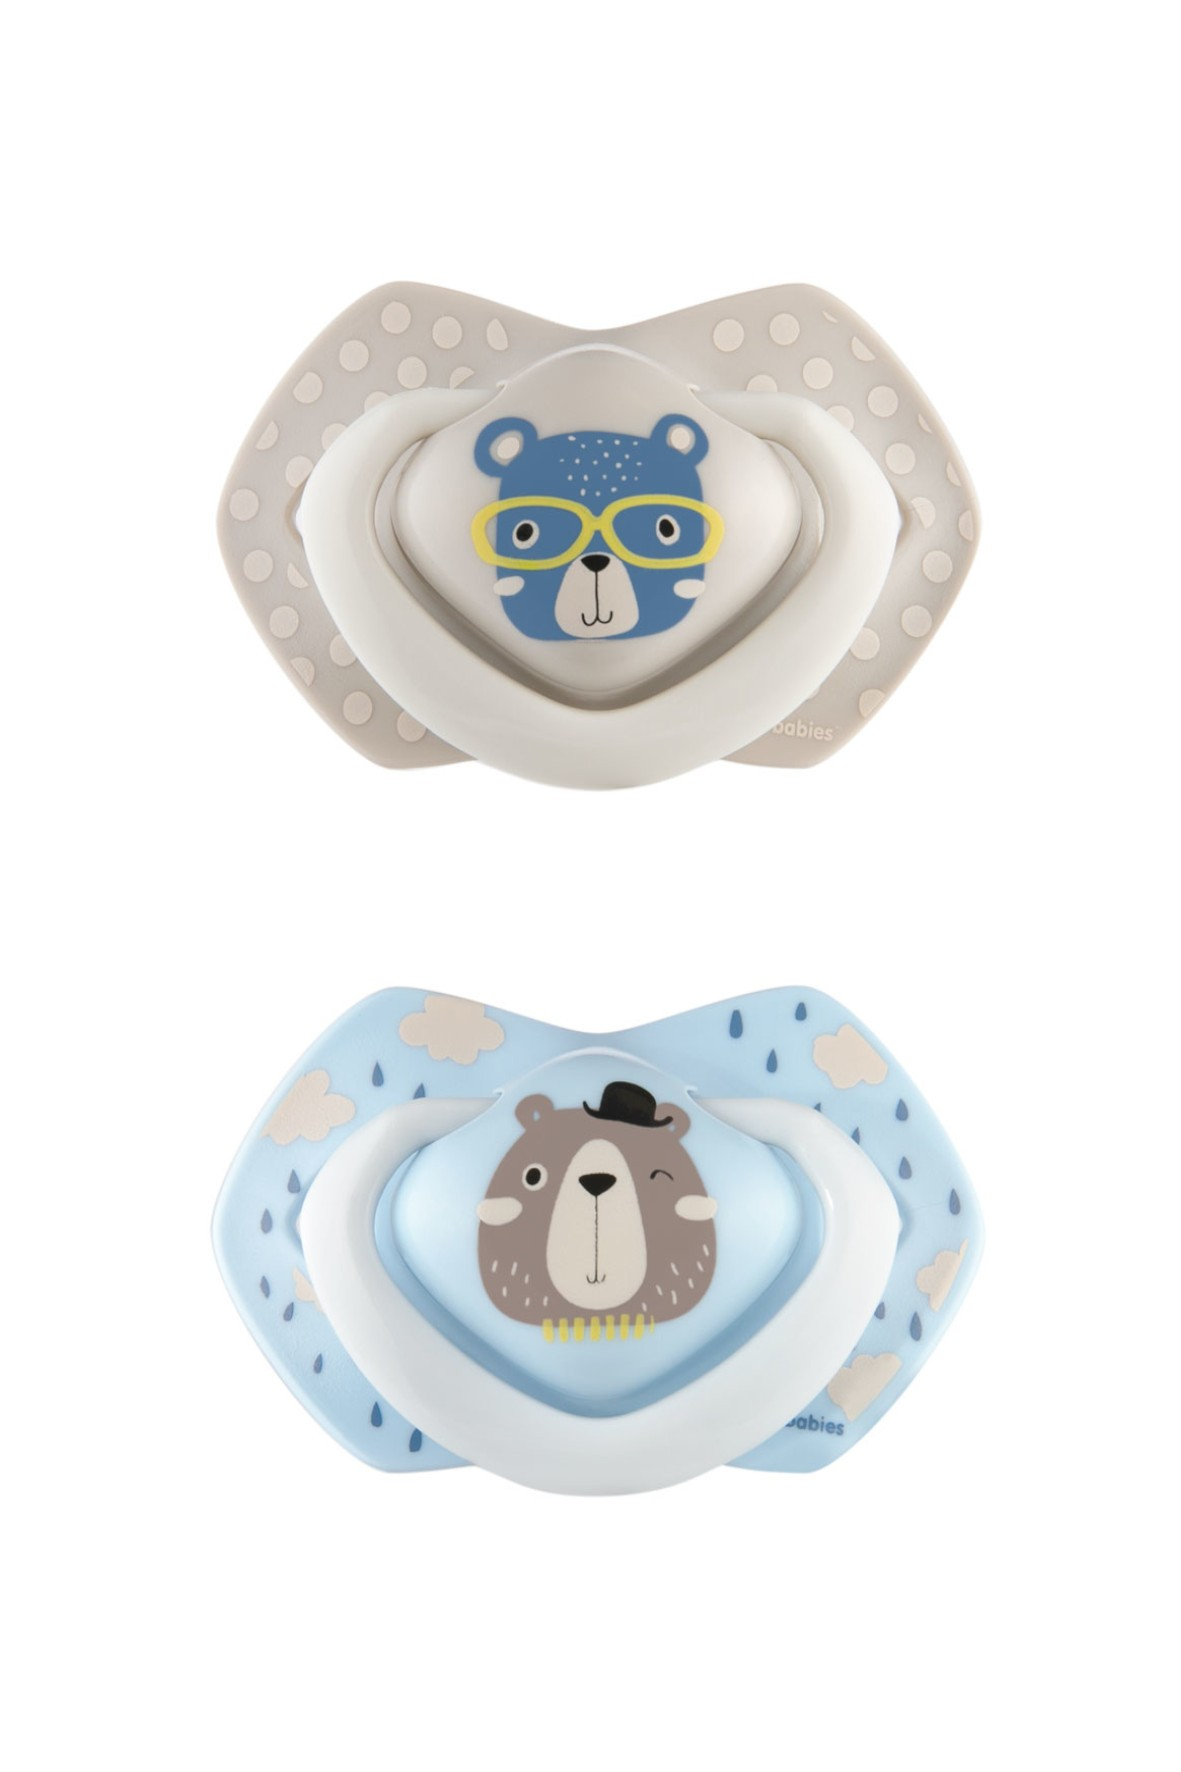 Canpol babies Smoczek silikonowy 6-18 m-cy symetryczny BONJOUR PARIS - 2szt.